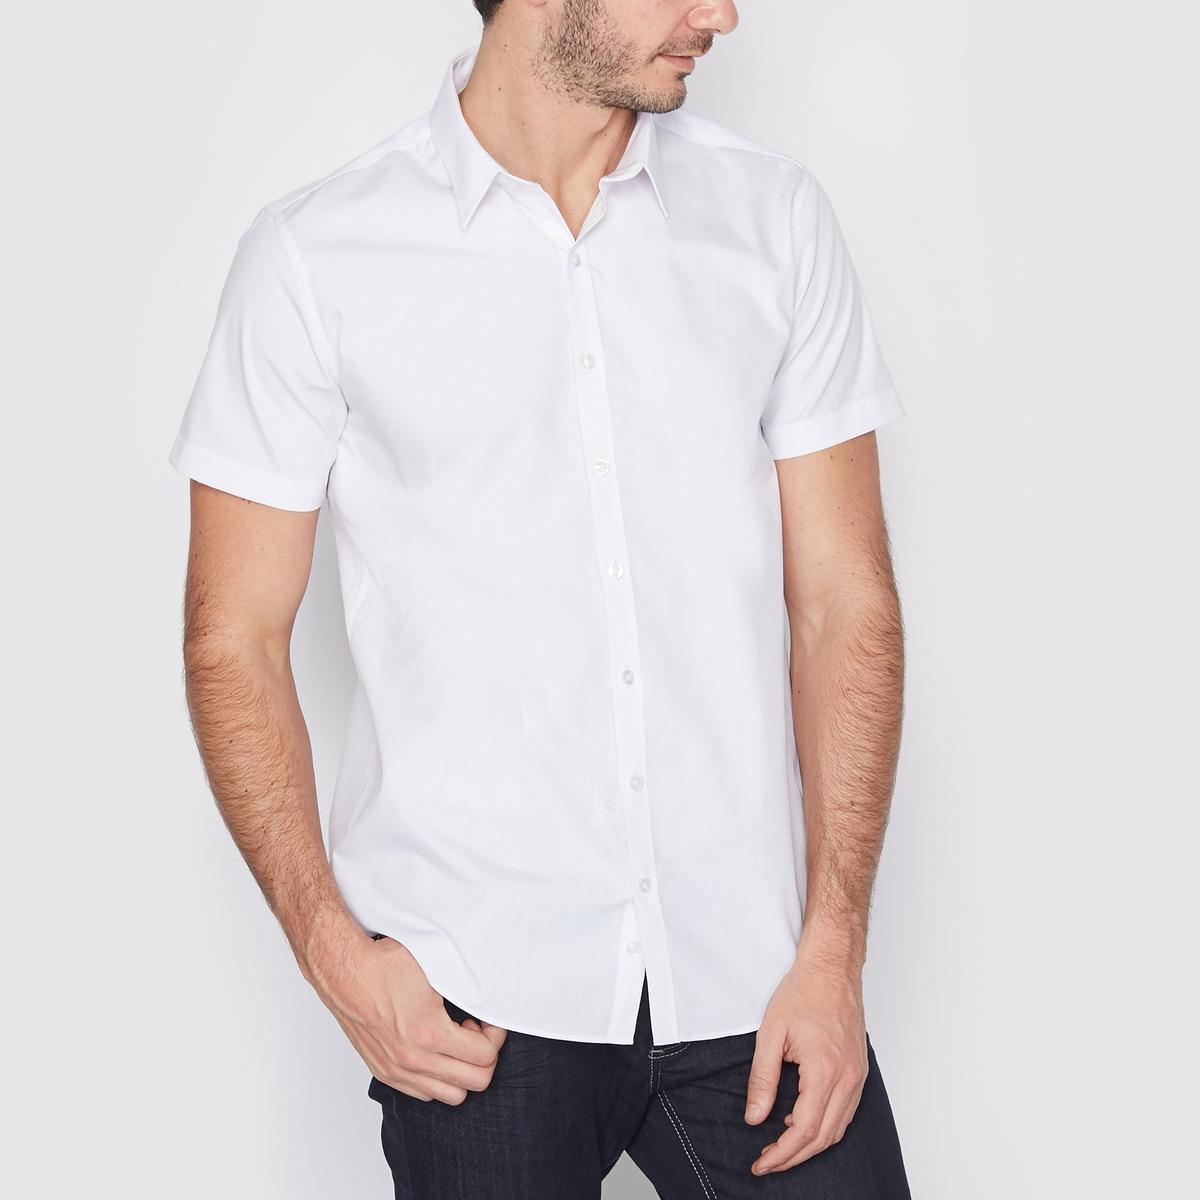 Рубашка однотонная прямого покрояРубашка с короткими рукавами, прямой покрой, воротник со свободными уголками. Длина 77 см. Легкая глажка.Закругленный низ. 55% хлопка, 45% полиэстера.<br><br>Цвет: белый,темно-синий,черный<br>Размер: 43/44.35/36.47/48.43/44